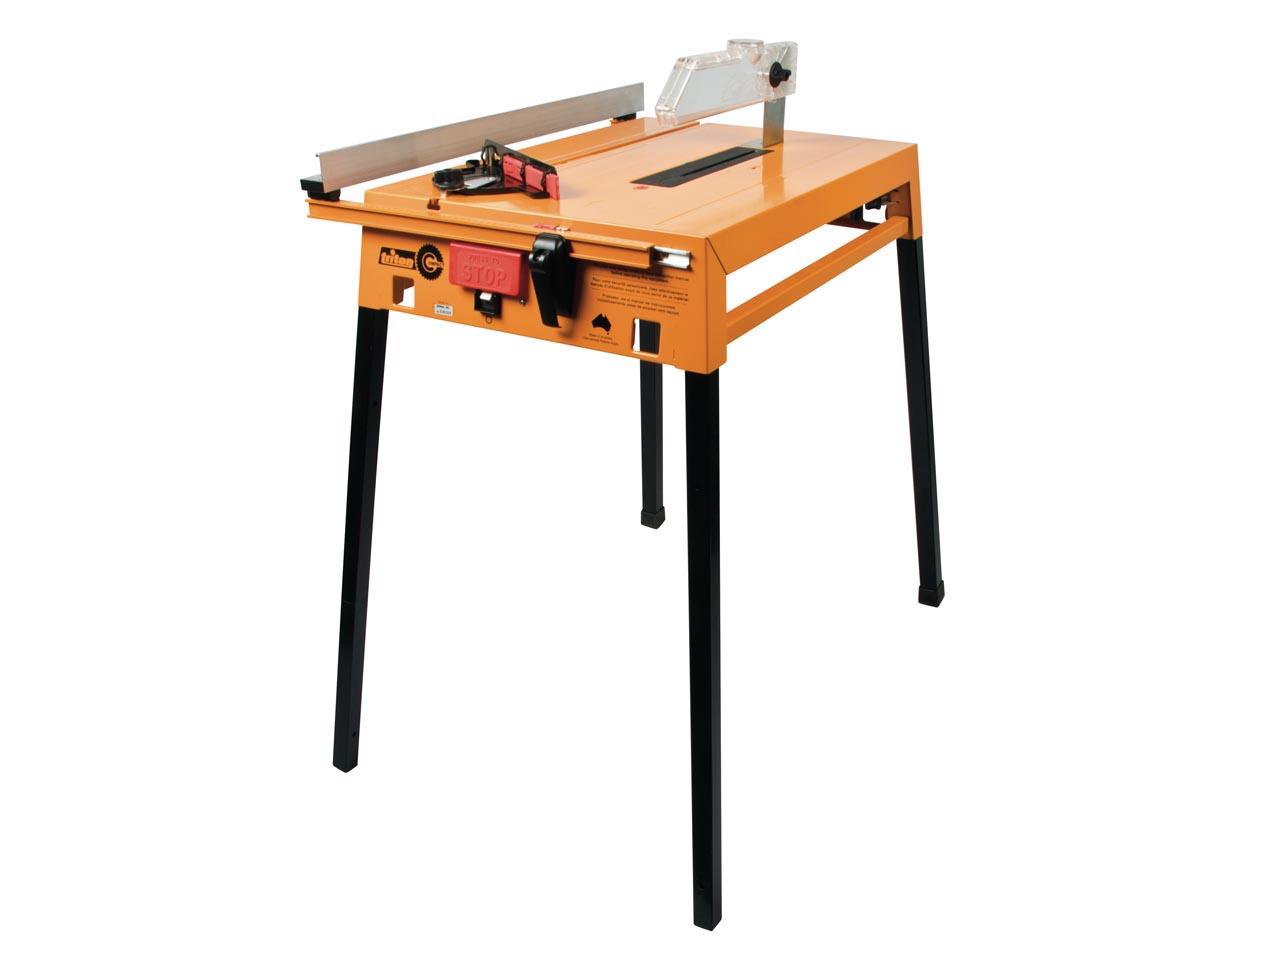 Triton Tcb100 240v Saw Table